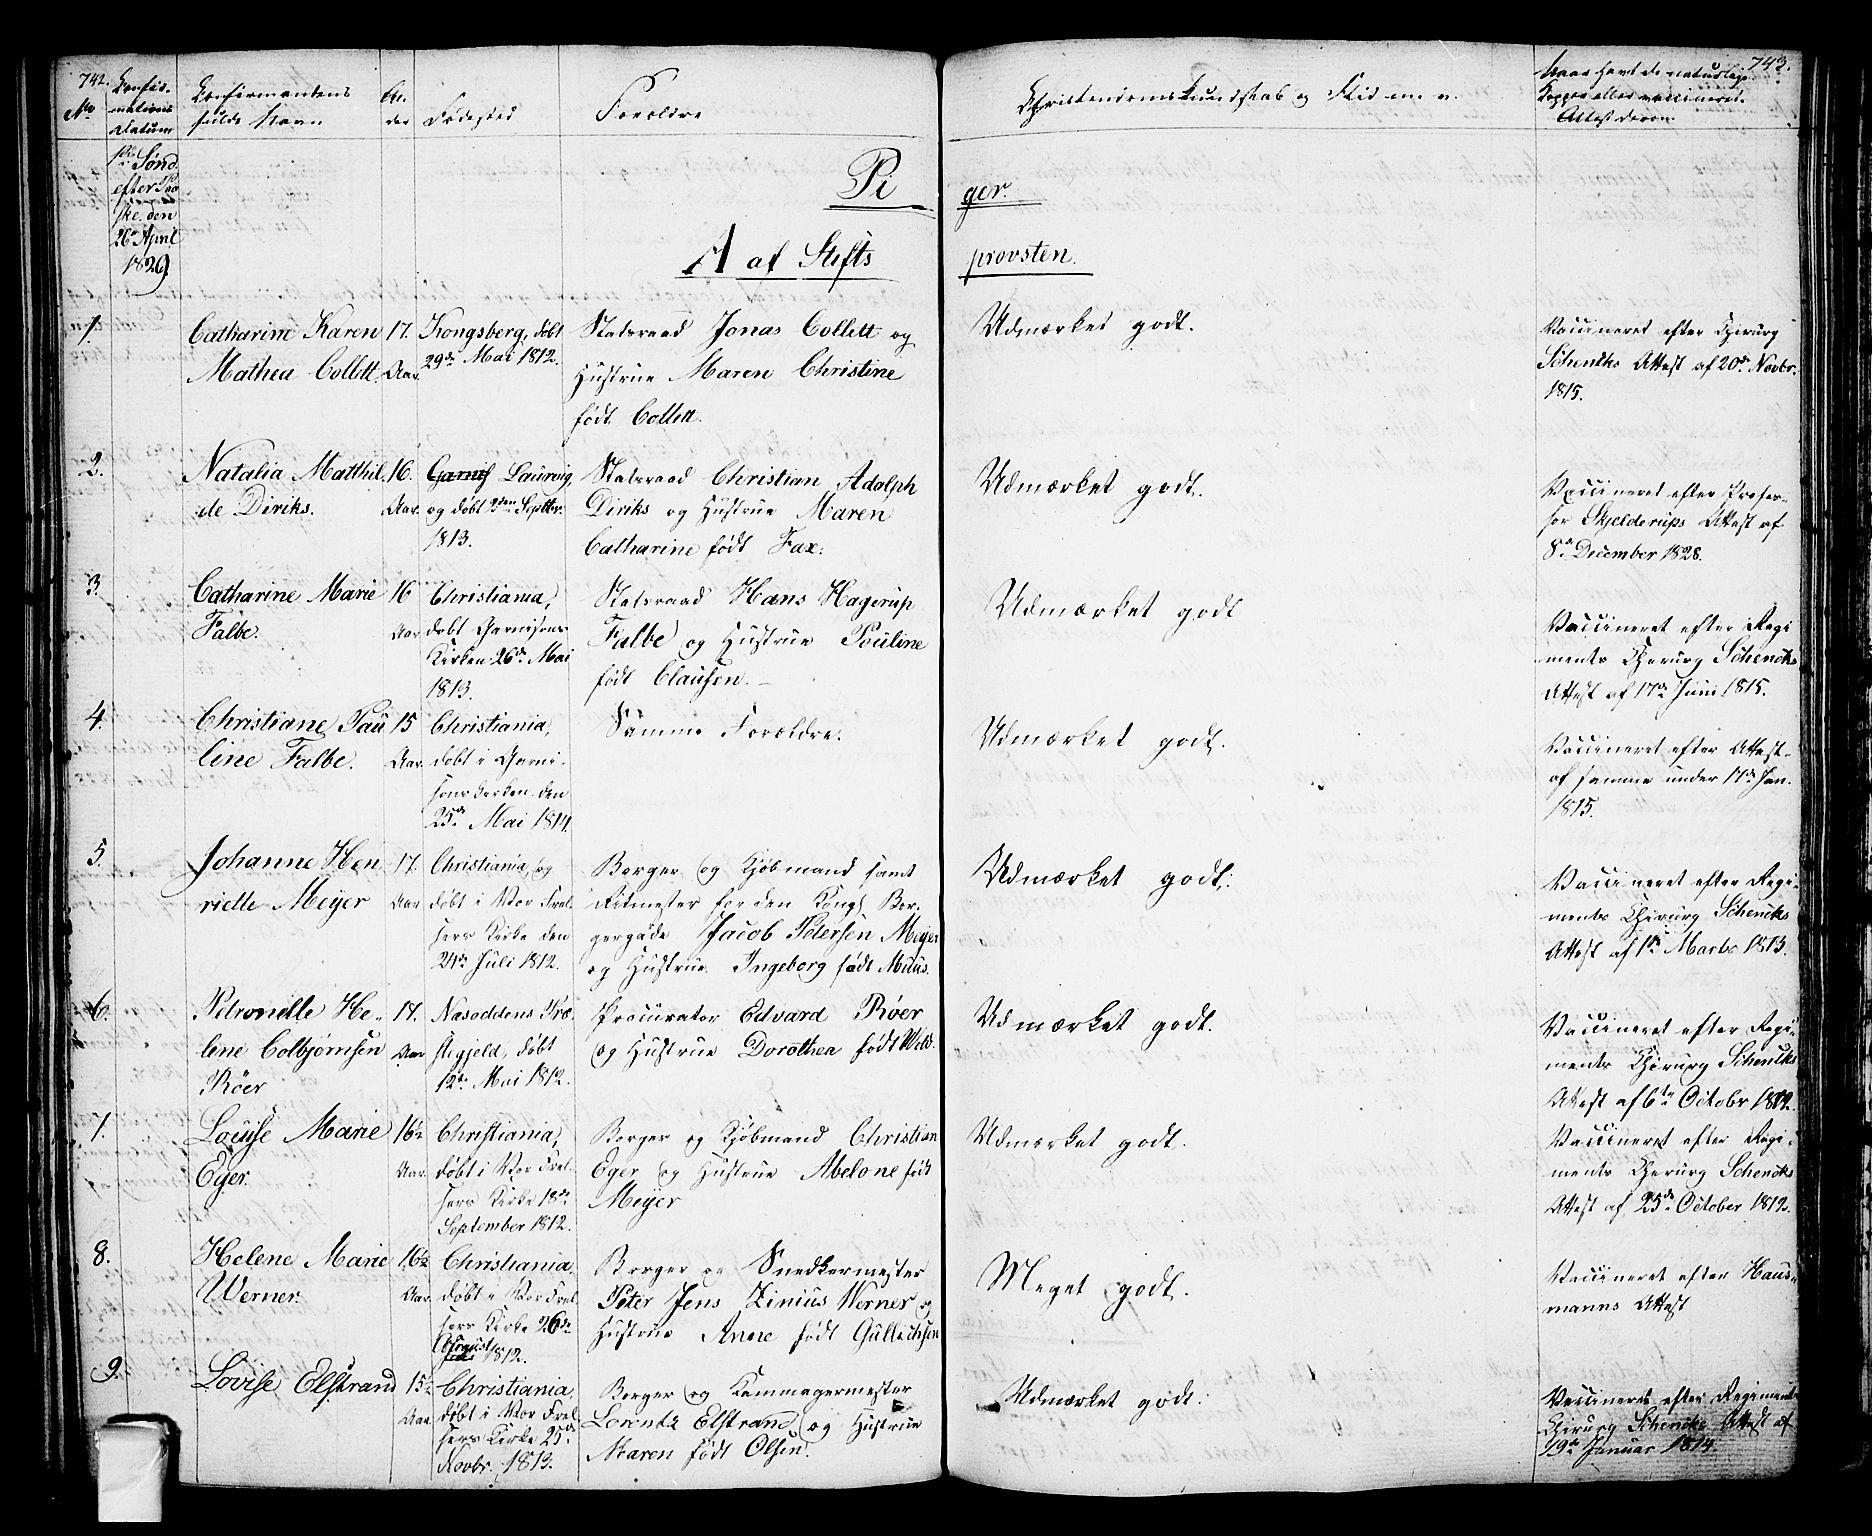 SAO, Oslo domkirke Kirkebøker, F/Fa/L0010: Ministerialbok nr. 10, 1824-1830, s. 742-743